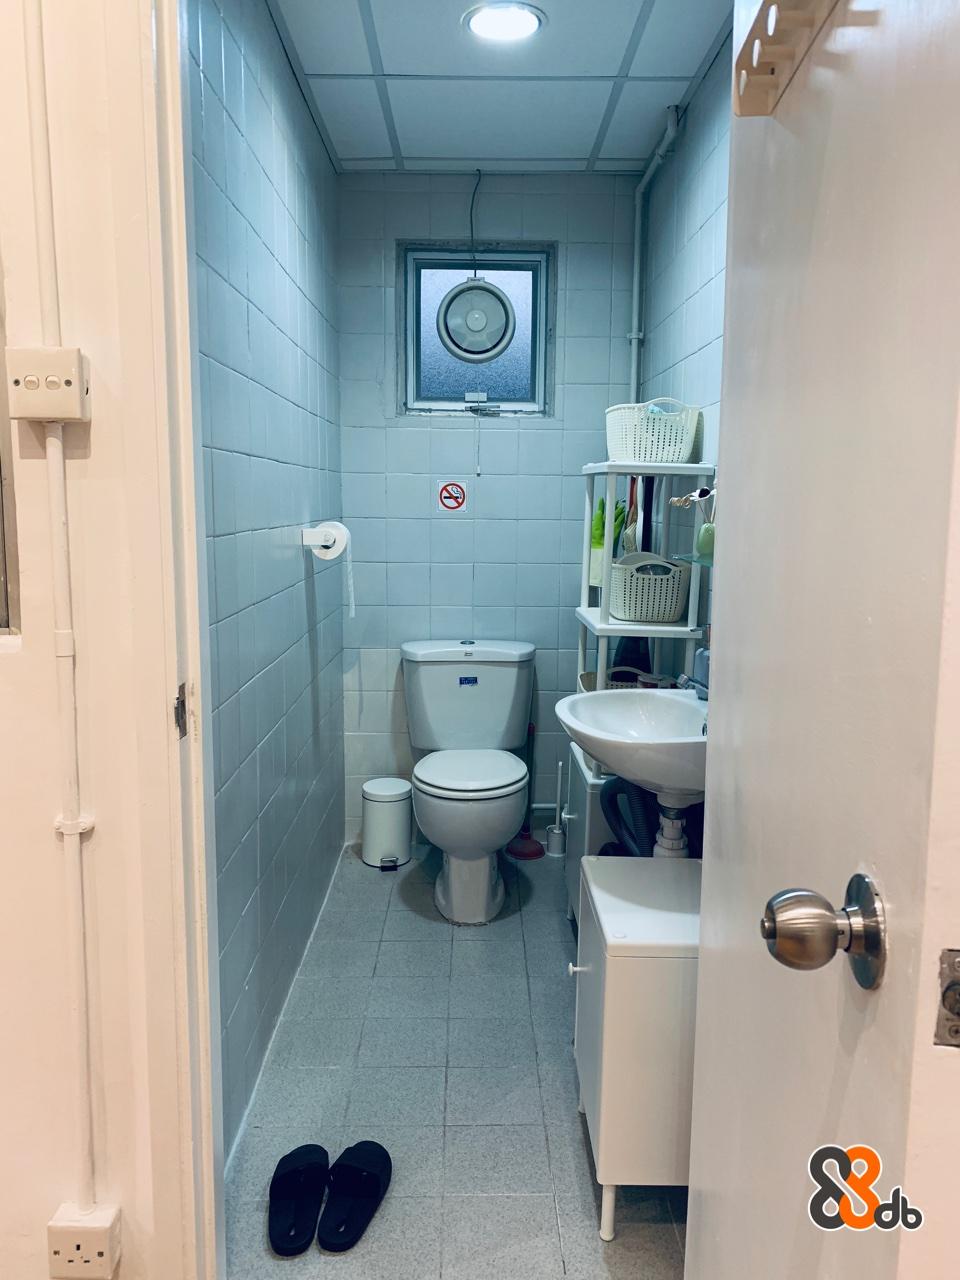 room,bathroom,toilet,property,plumbing fixture